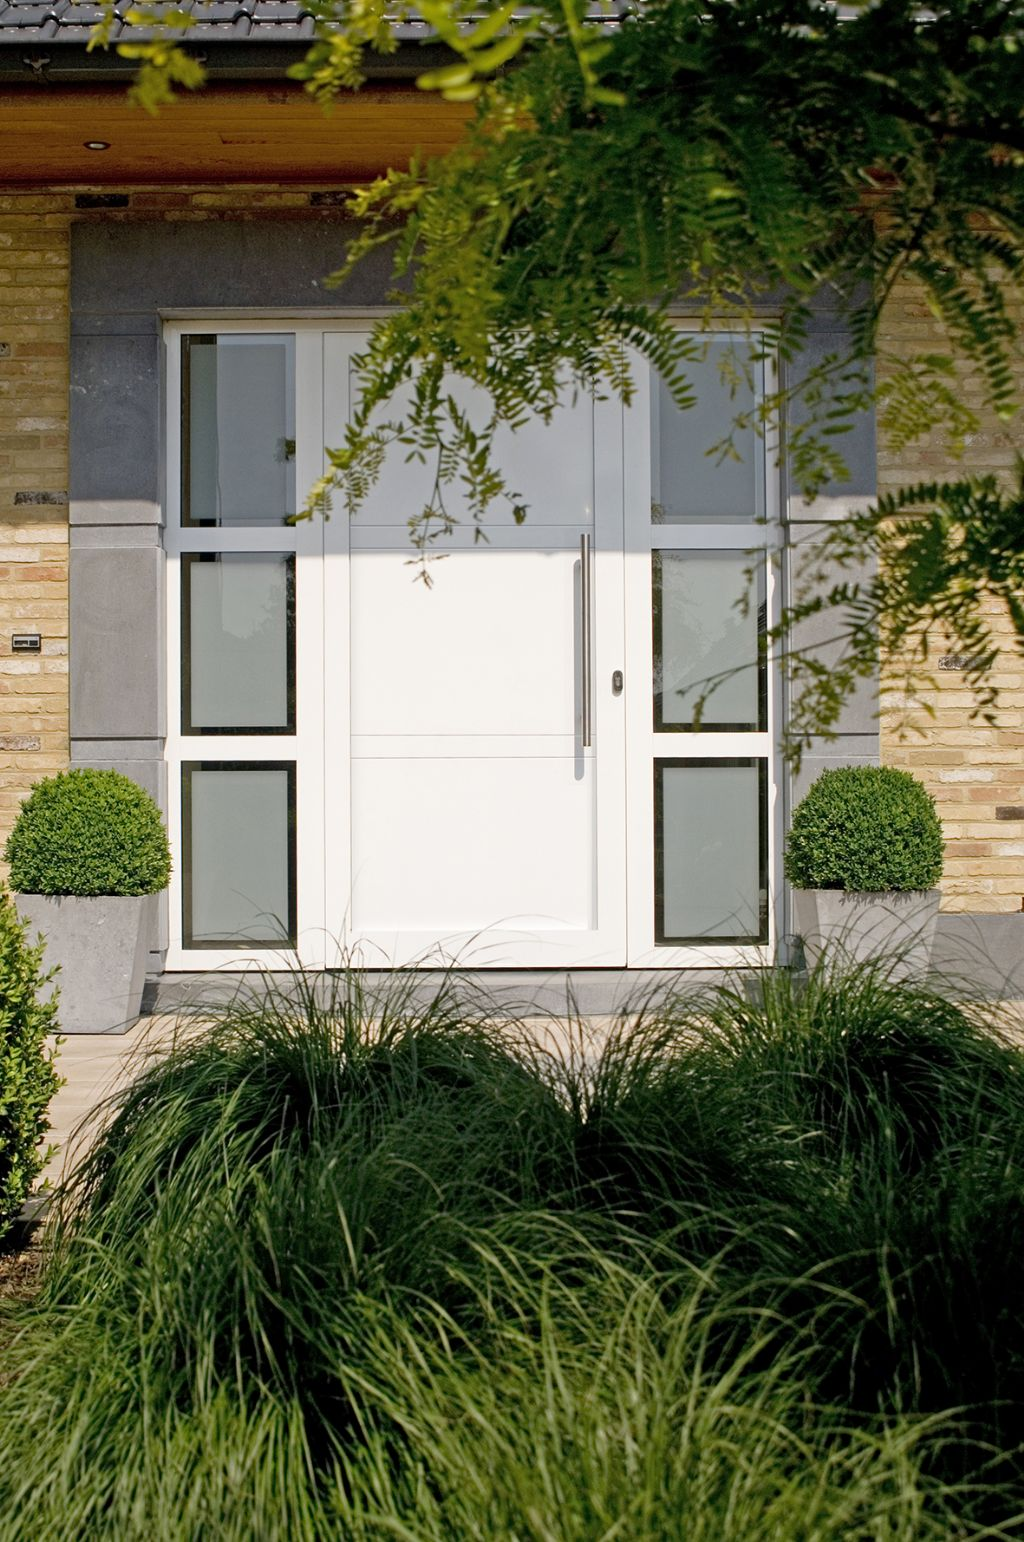 Probleem van knellende deuren kan verholpen worden